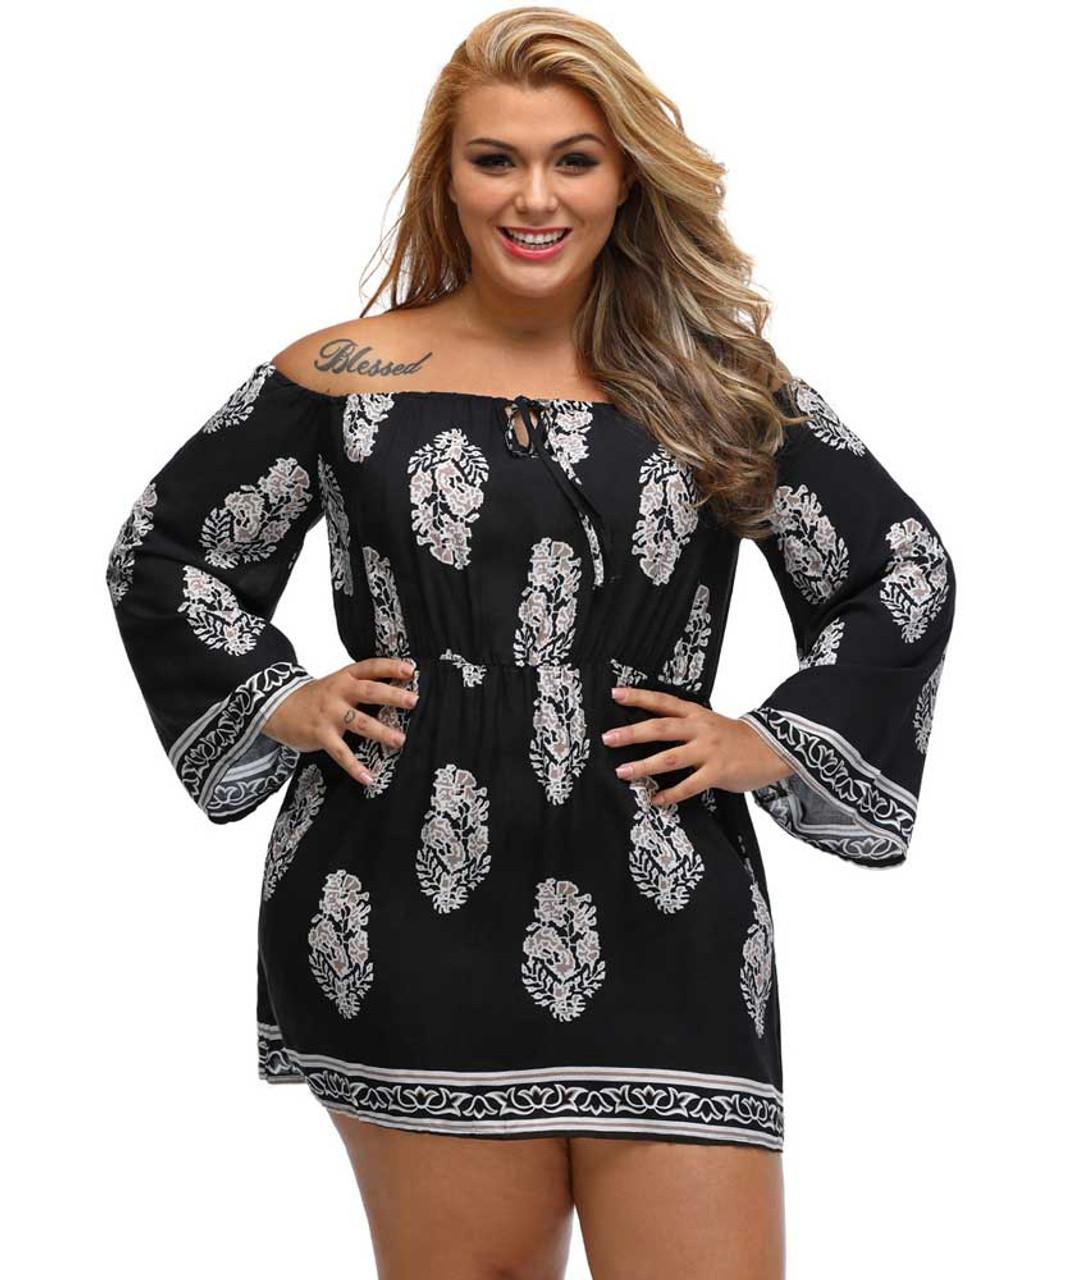 Black off the shoulder floral print plus size mini dress